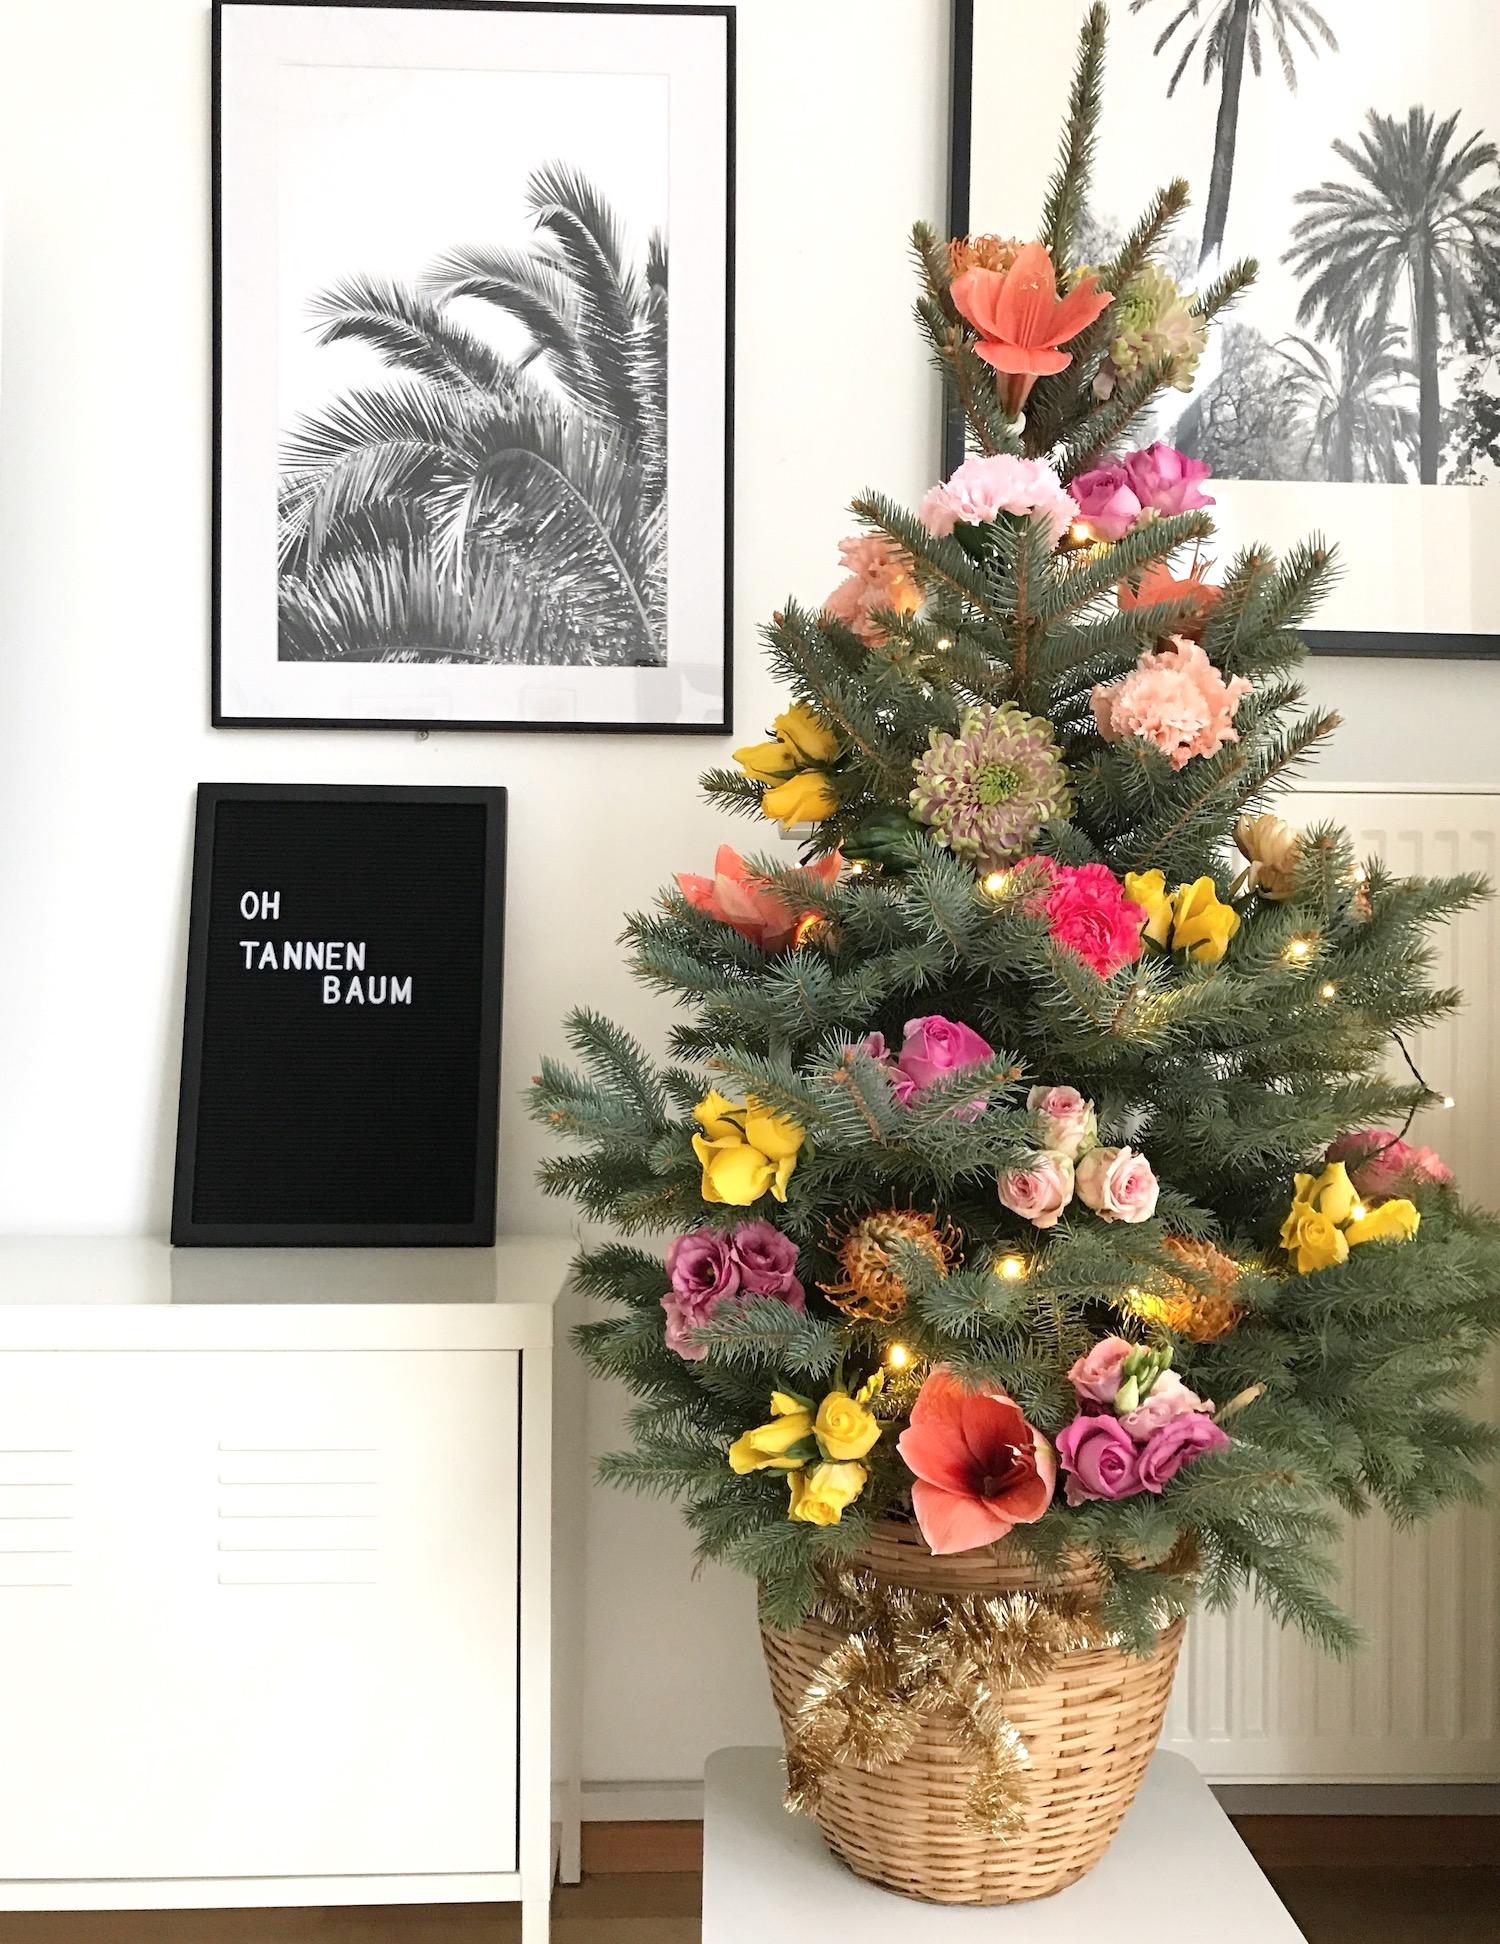 oh floraler tannenbaum weihnachtsbaum deko sophiagaleria. Black Bedroom Furniture Sets. Home Design Ideas